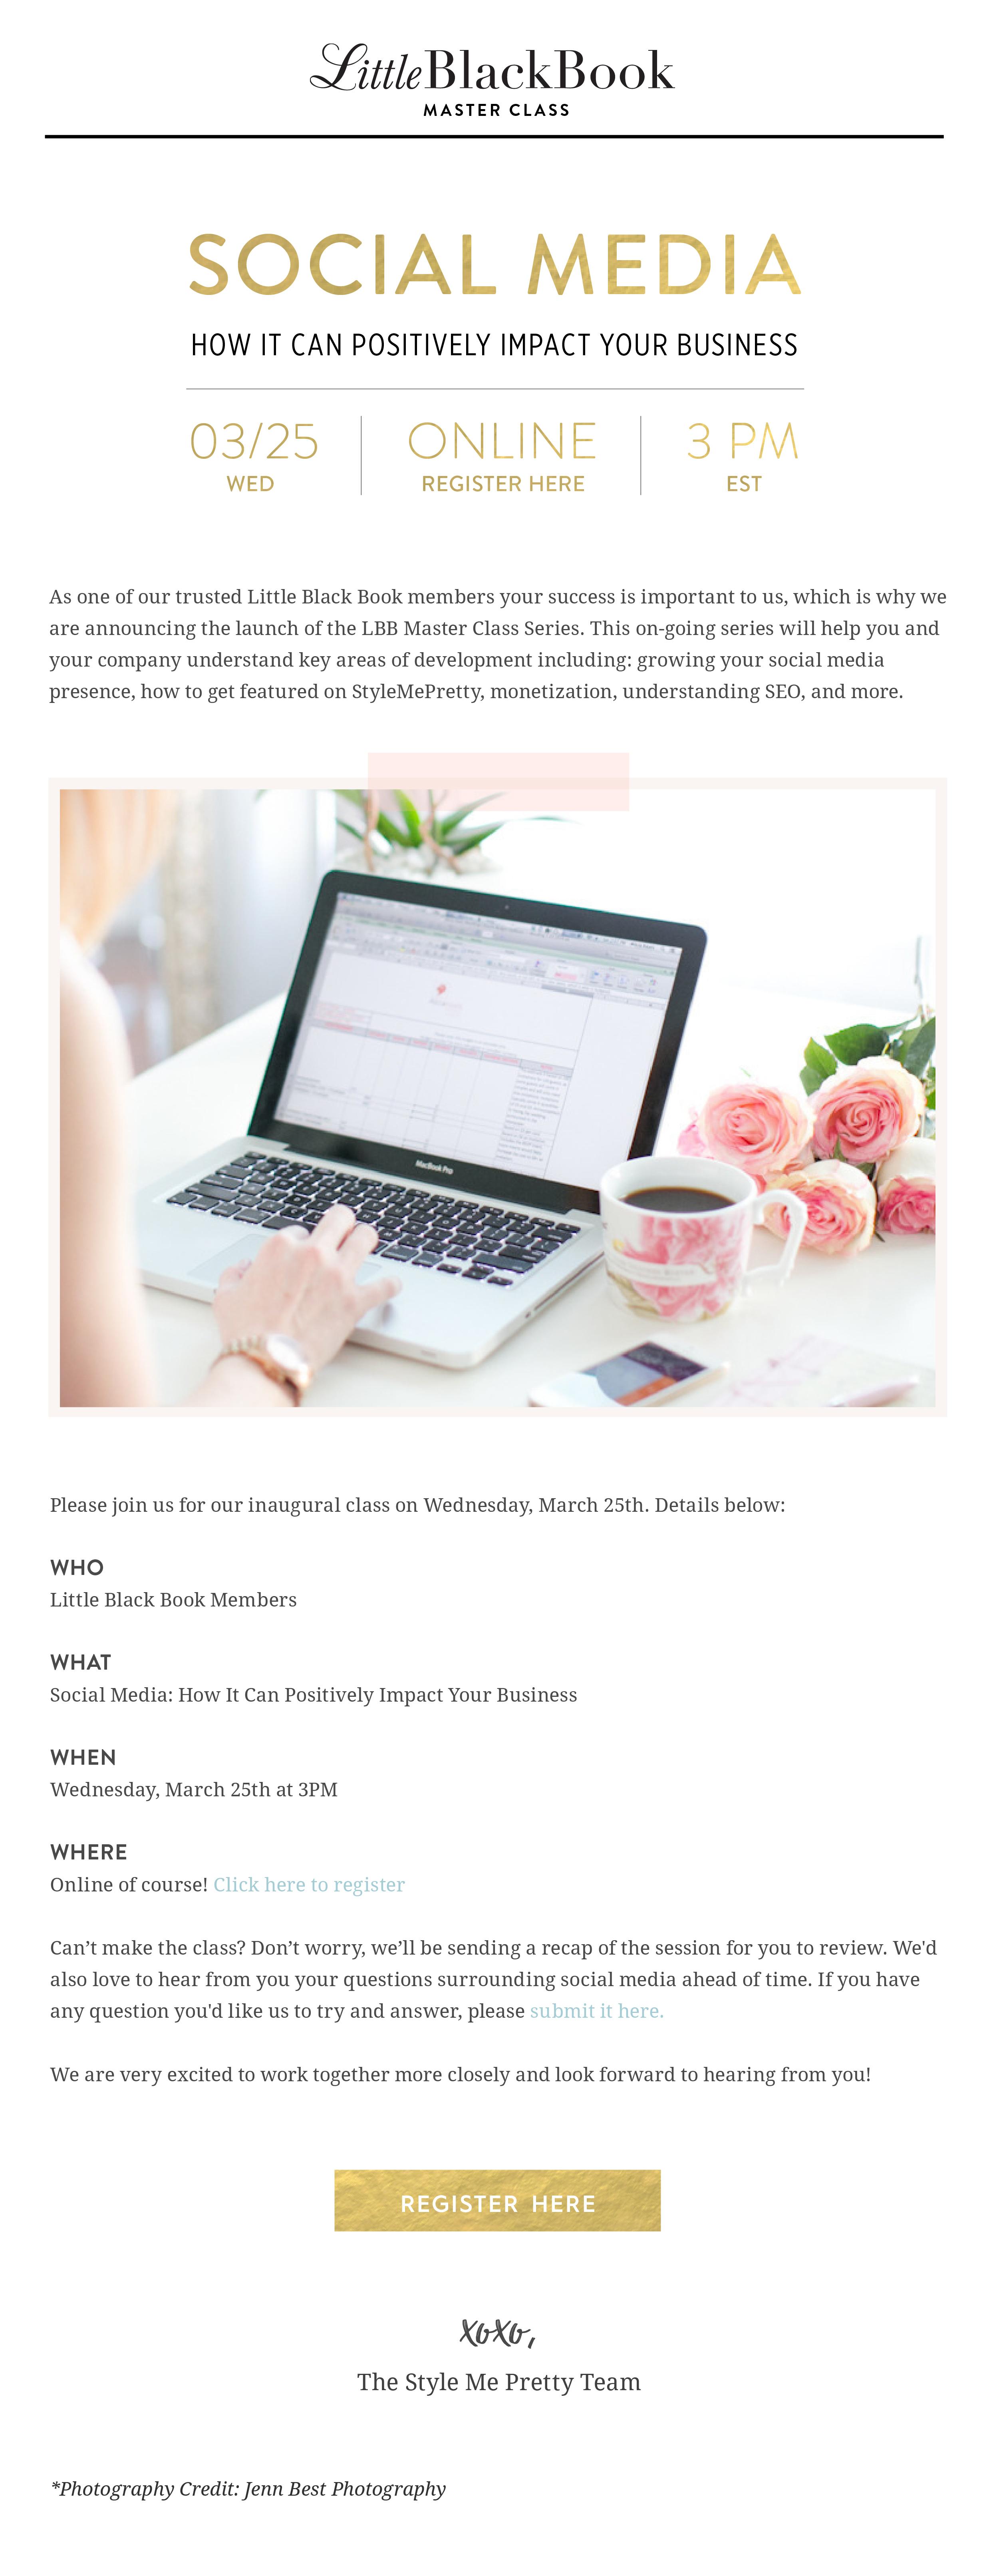 Masterclass_Email_Social_Media.jpg